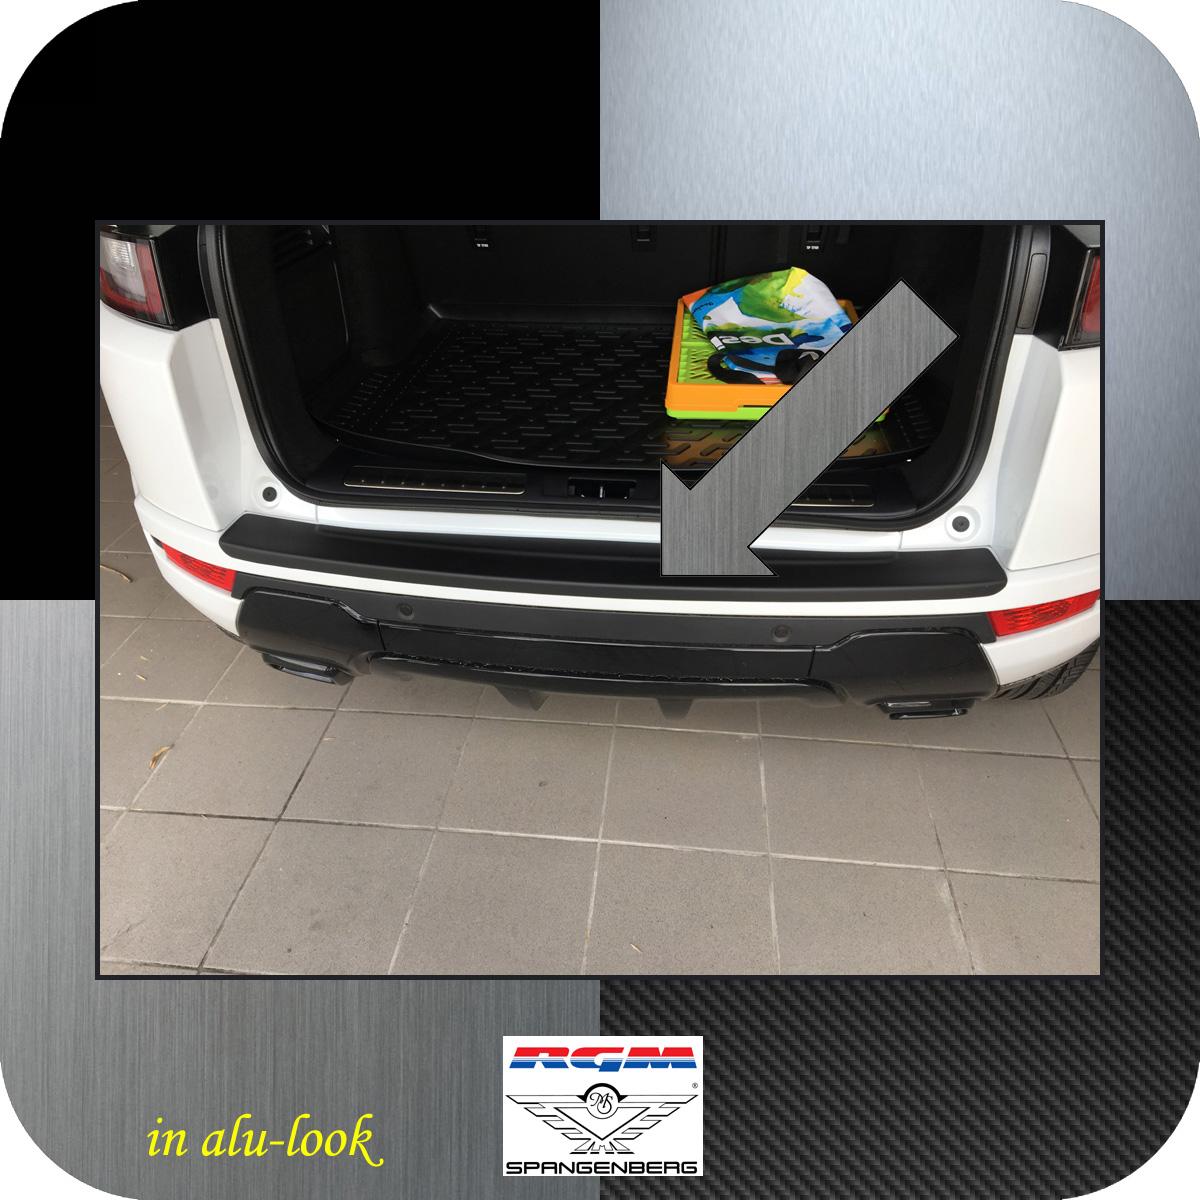 Ladekantenschutz Alu-Look Land Rover Range Rover Evoque 5-Türer 2011- 3504565